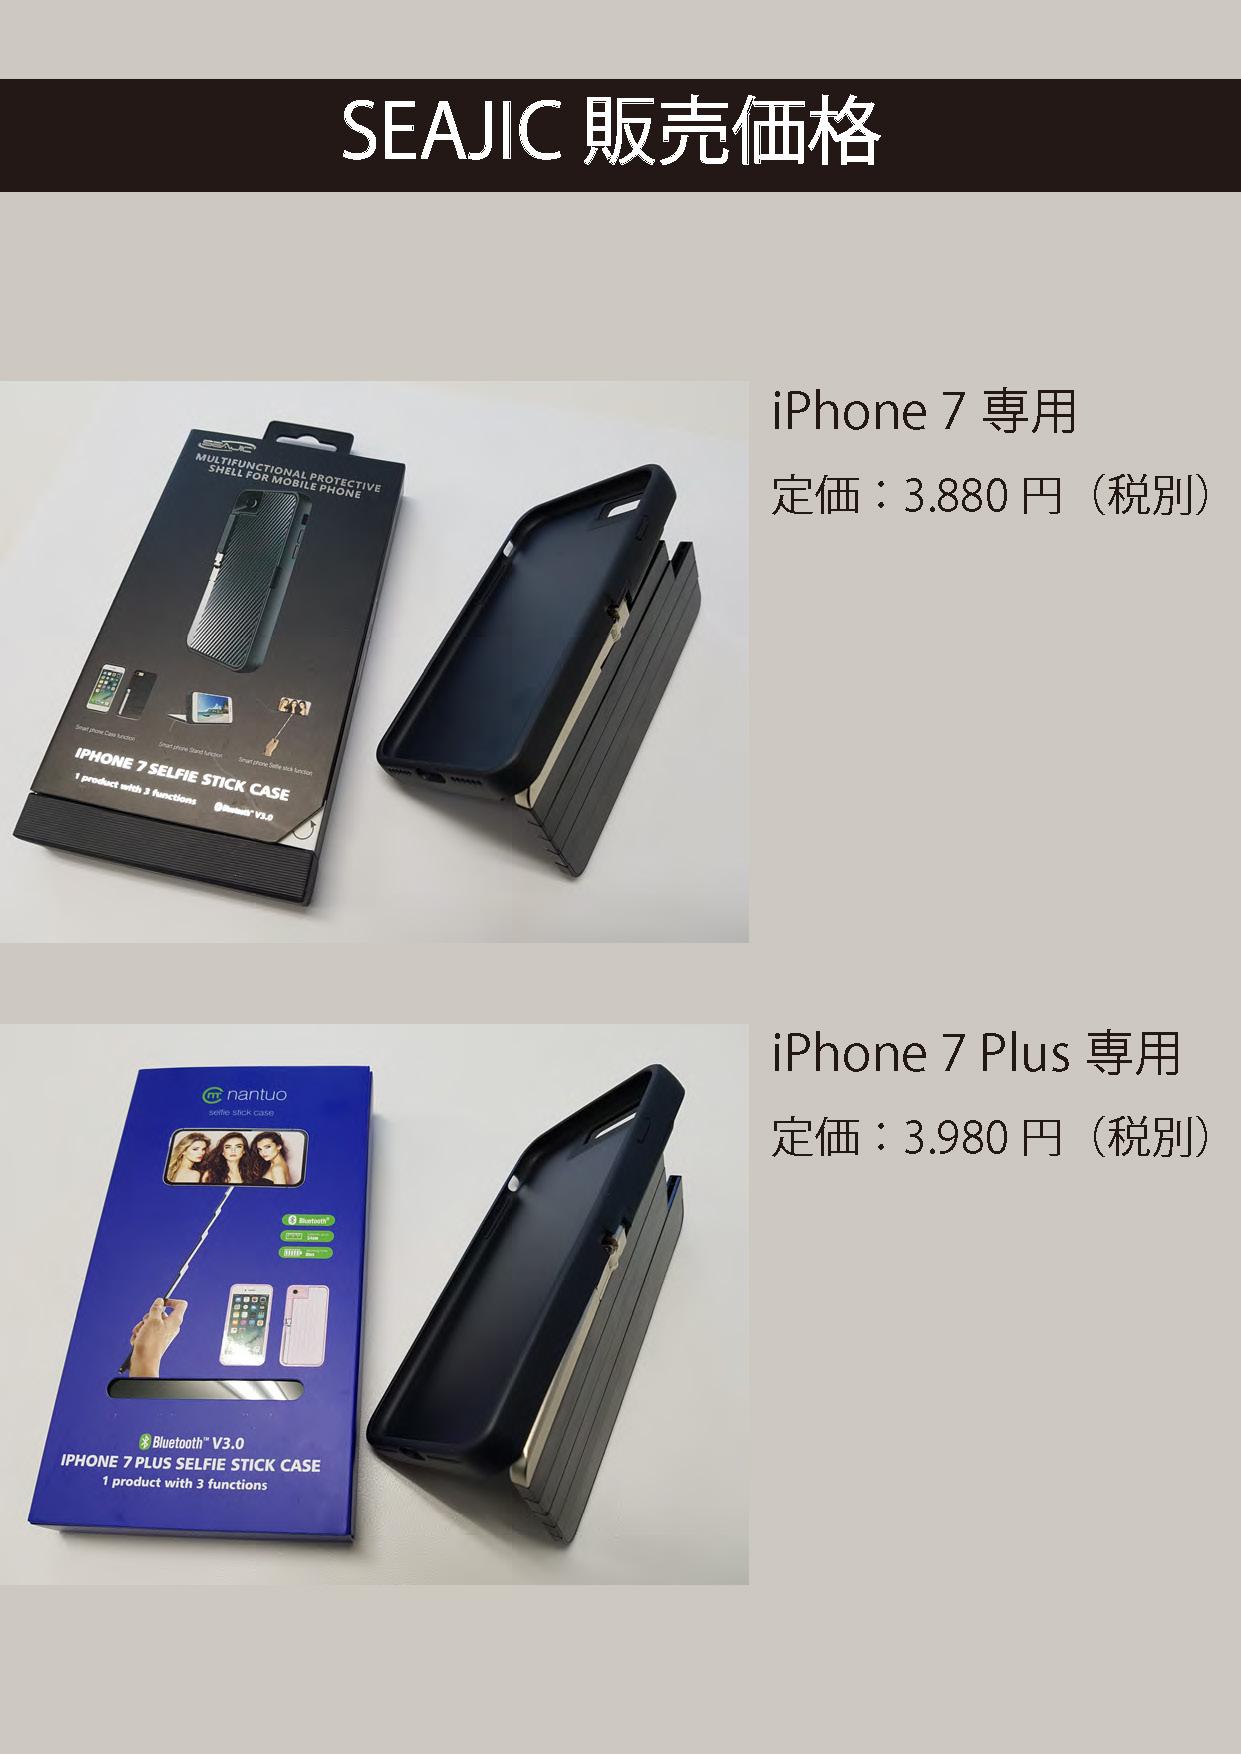 価格-3980